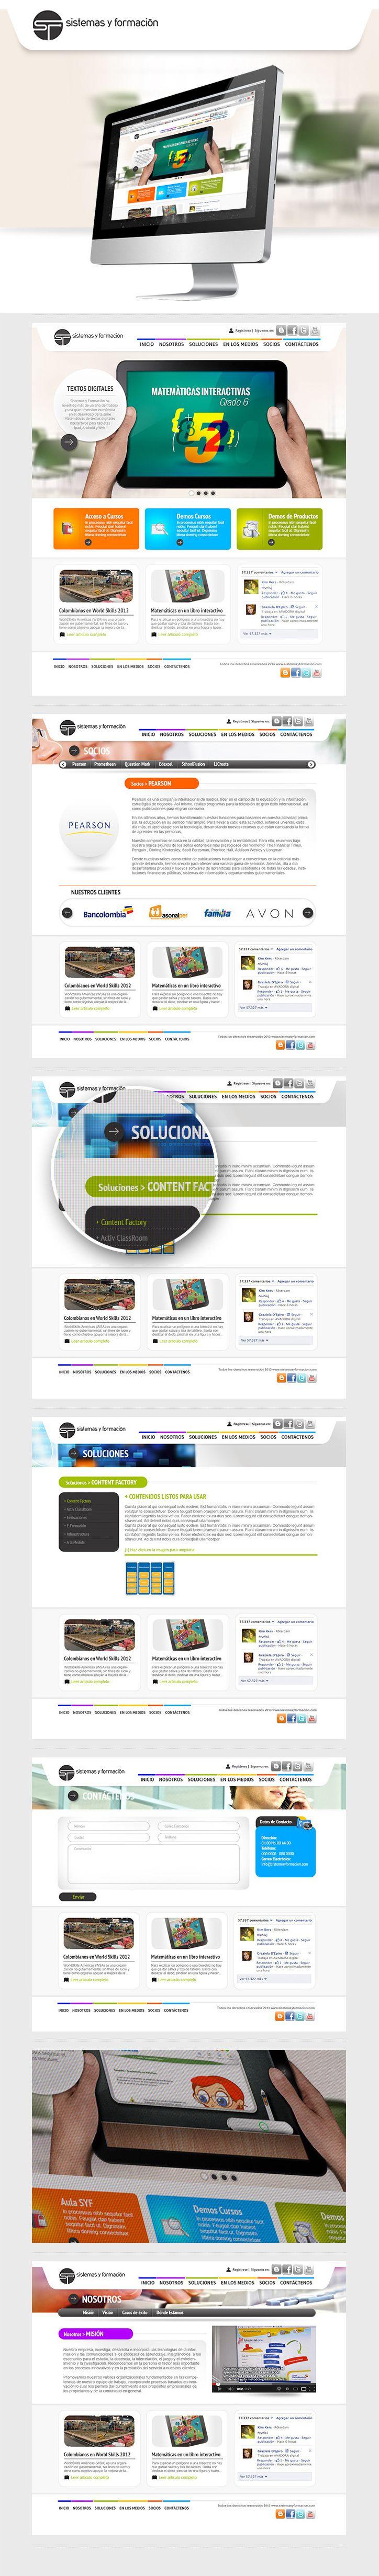 Rediseño web para una empresa Colombiana que desarrolla aplicaciones dirigidas a la formación de personal estudiantil y empresarial, minimalismo y espacios blancos hacen del sitio agradable a la vista a la vez que combinado con colores vivos, genera puntos fuertes donde se focaliza la atención del usuario.